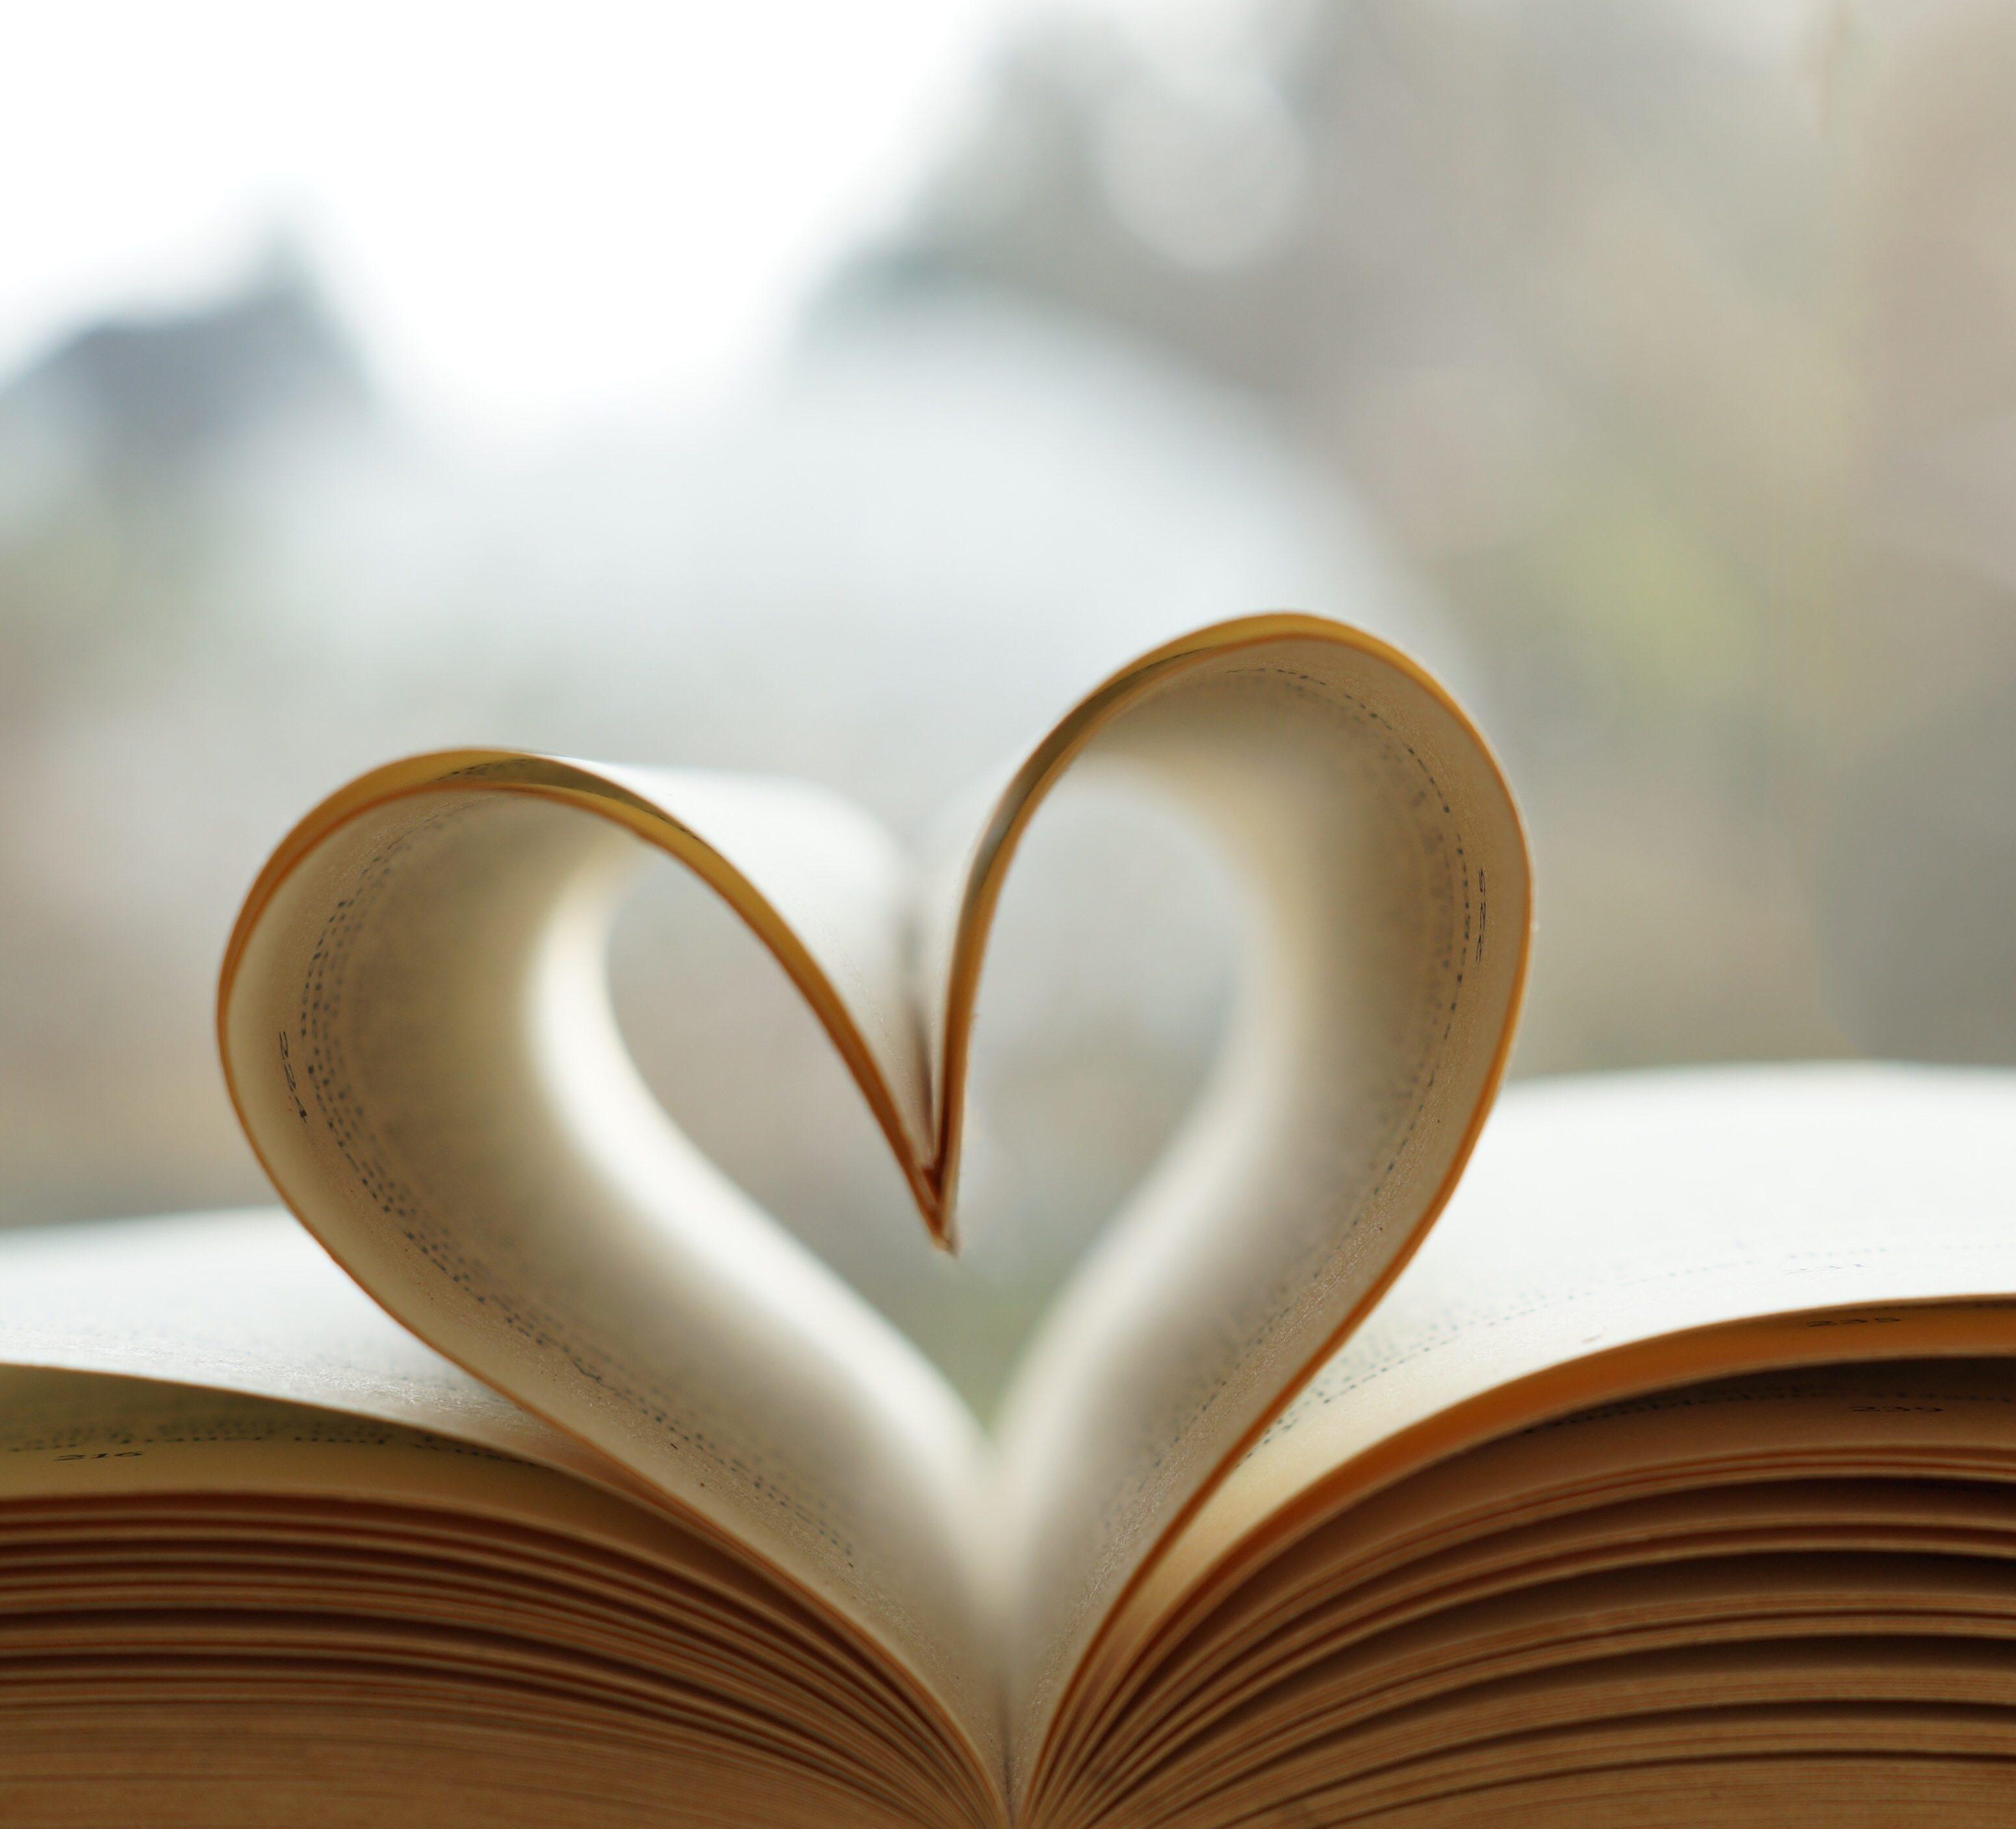 картинки с сердечками и книгой жаль, что актере